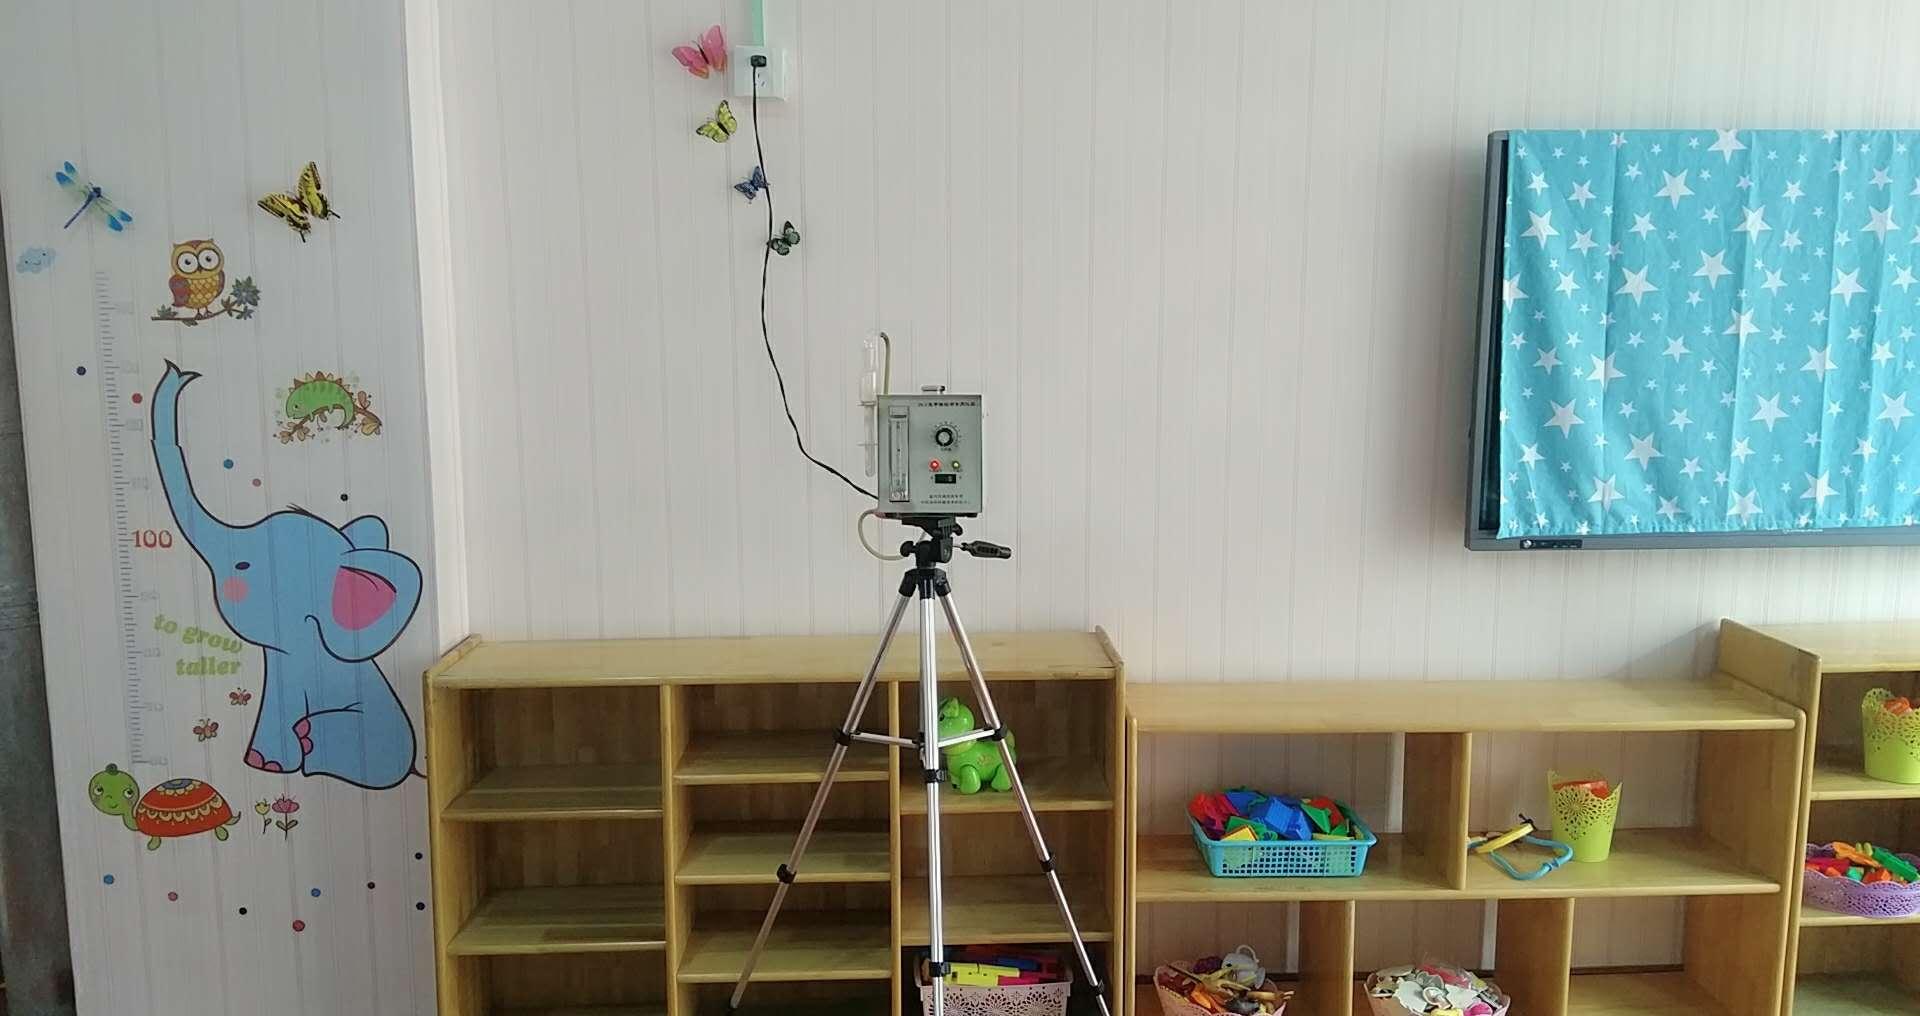 e家教育微乐优室内空气检测|室内空气检测治理-甘肃格瑞思凯环保科技有限公司